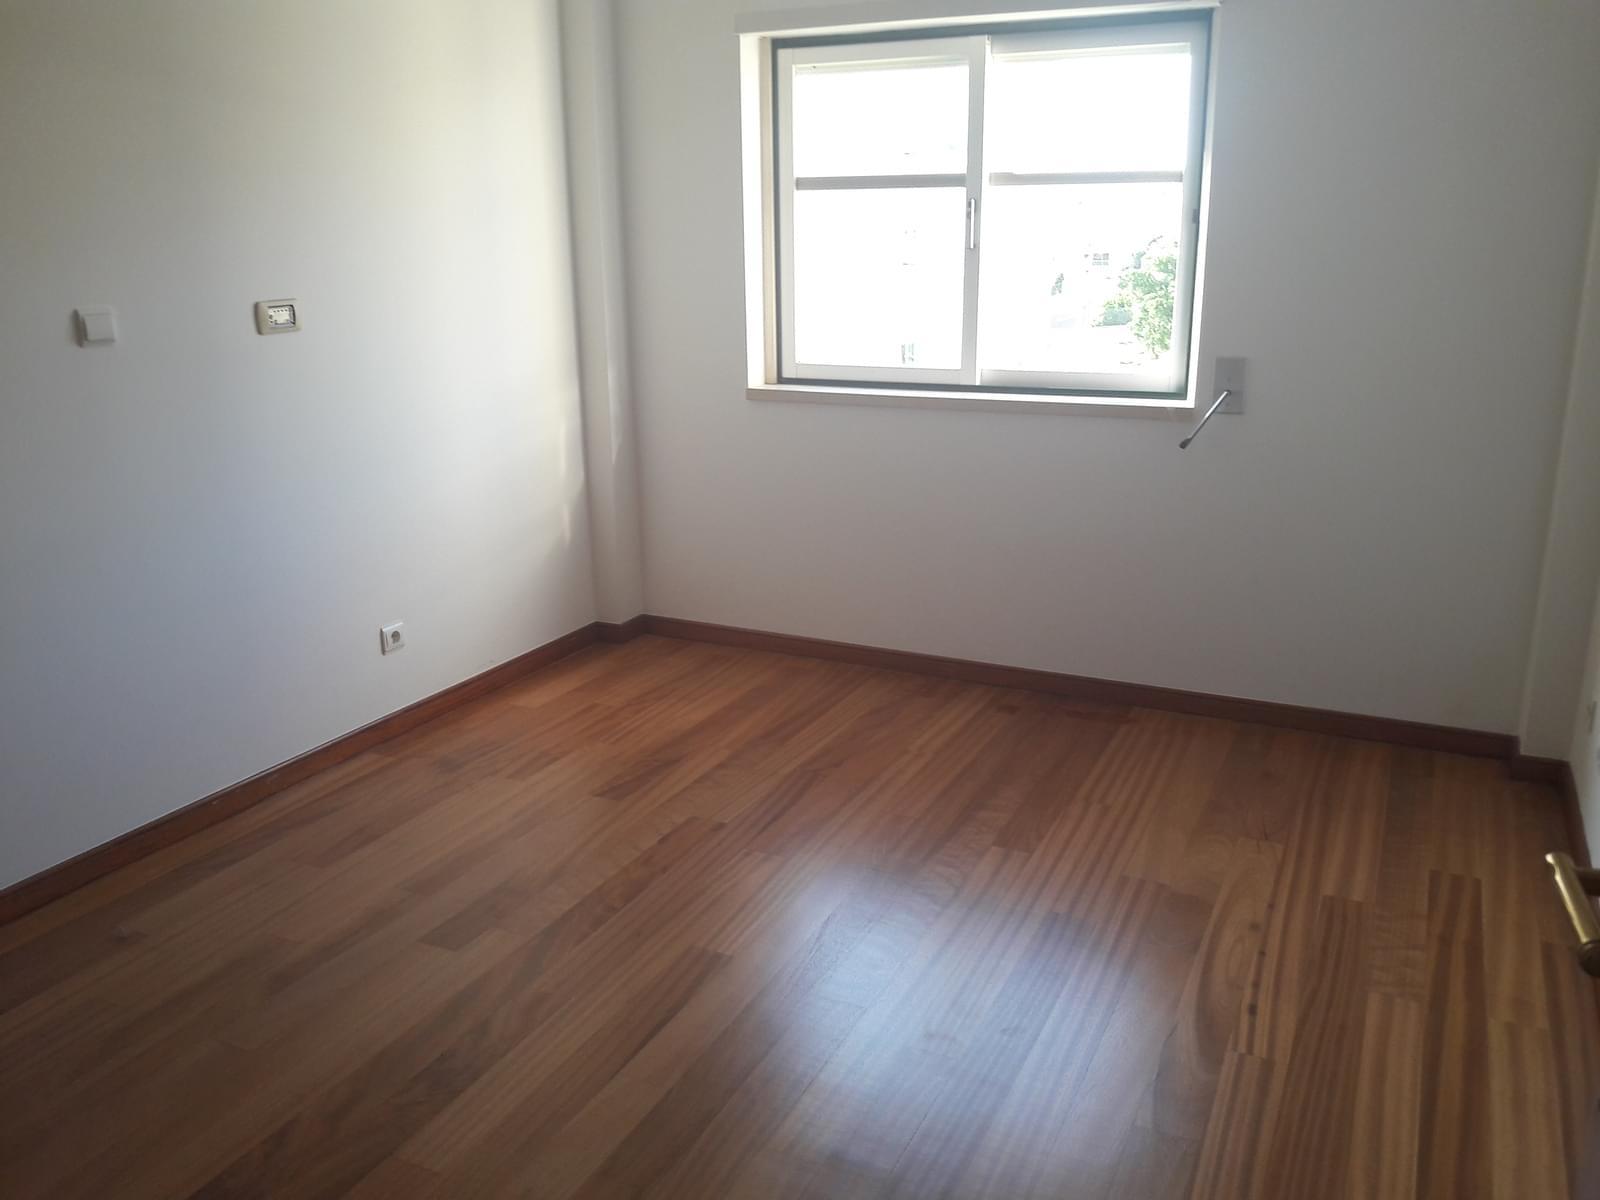 pf18038-apartamento-t3-6637ccce-44fe-41c3-96fe-4922645705c2